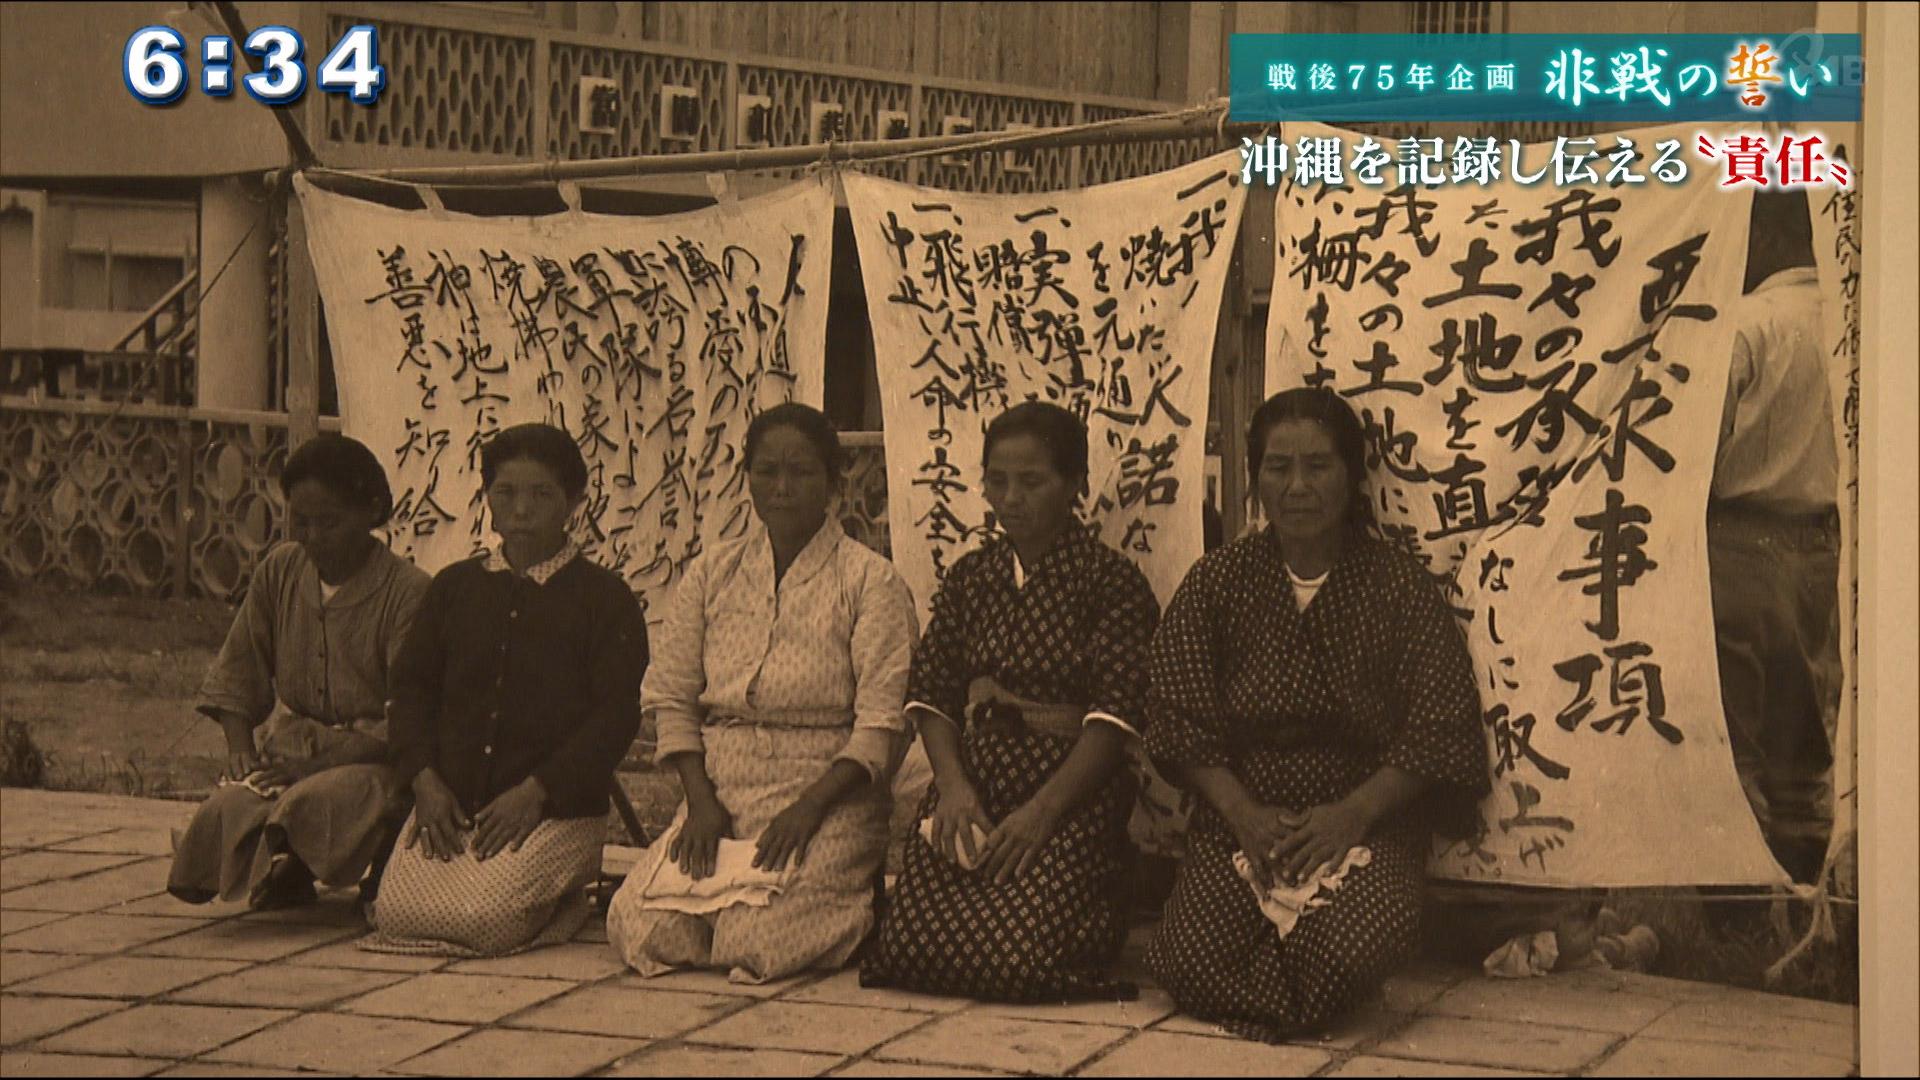 非戦の誓い カメラマンが見た沖縄の記憶と記録